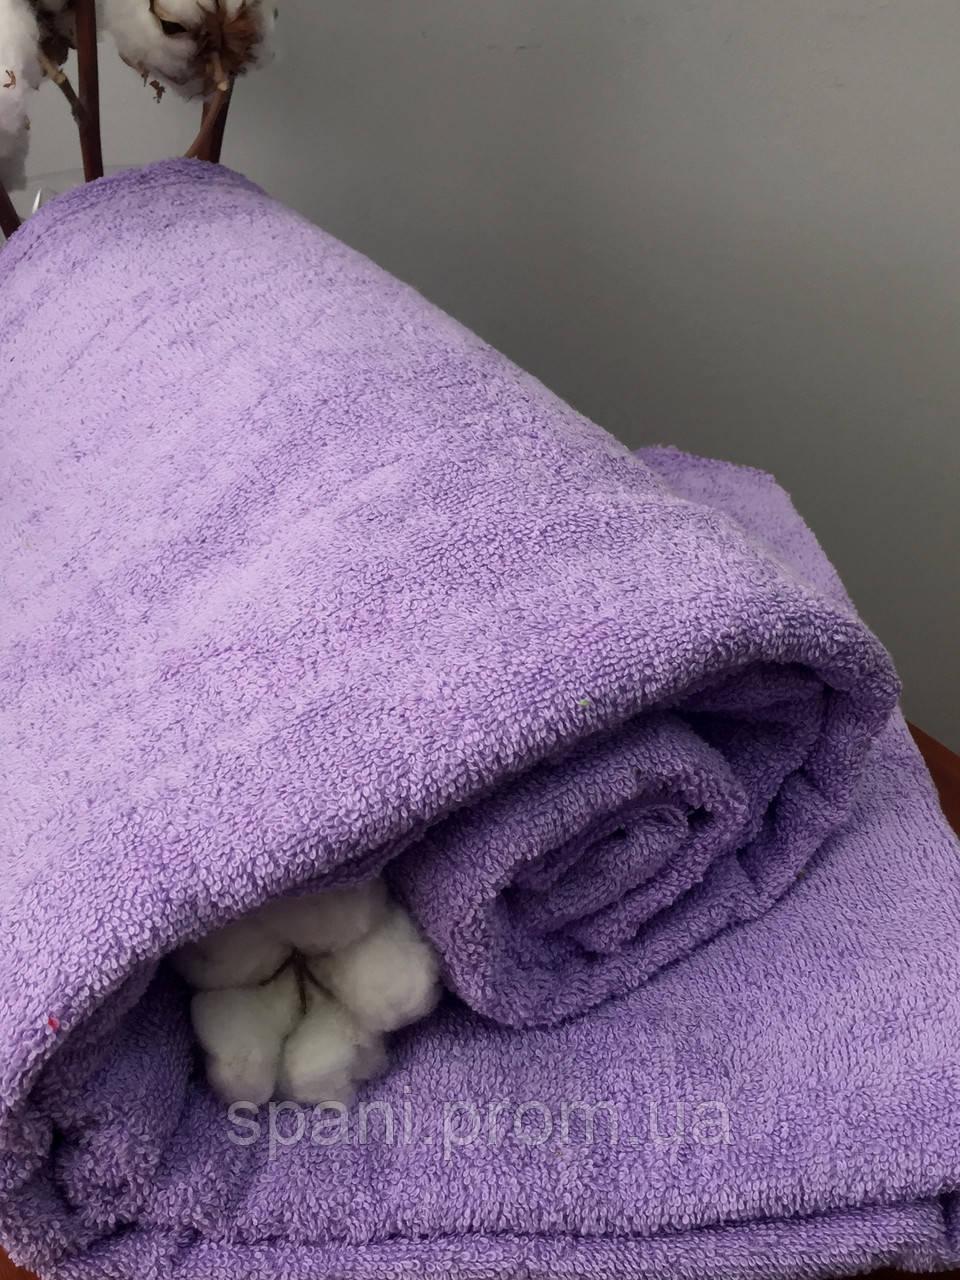 Махровая простынь без резинки 150х200 см, 400 гр/м2 Пакистан, цвет Фиолетовый